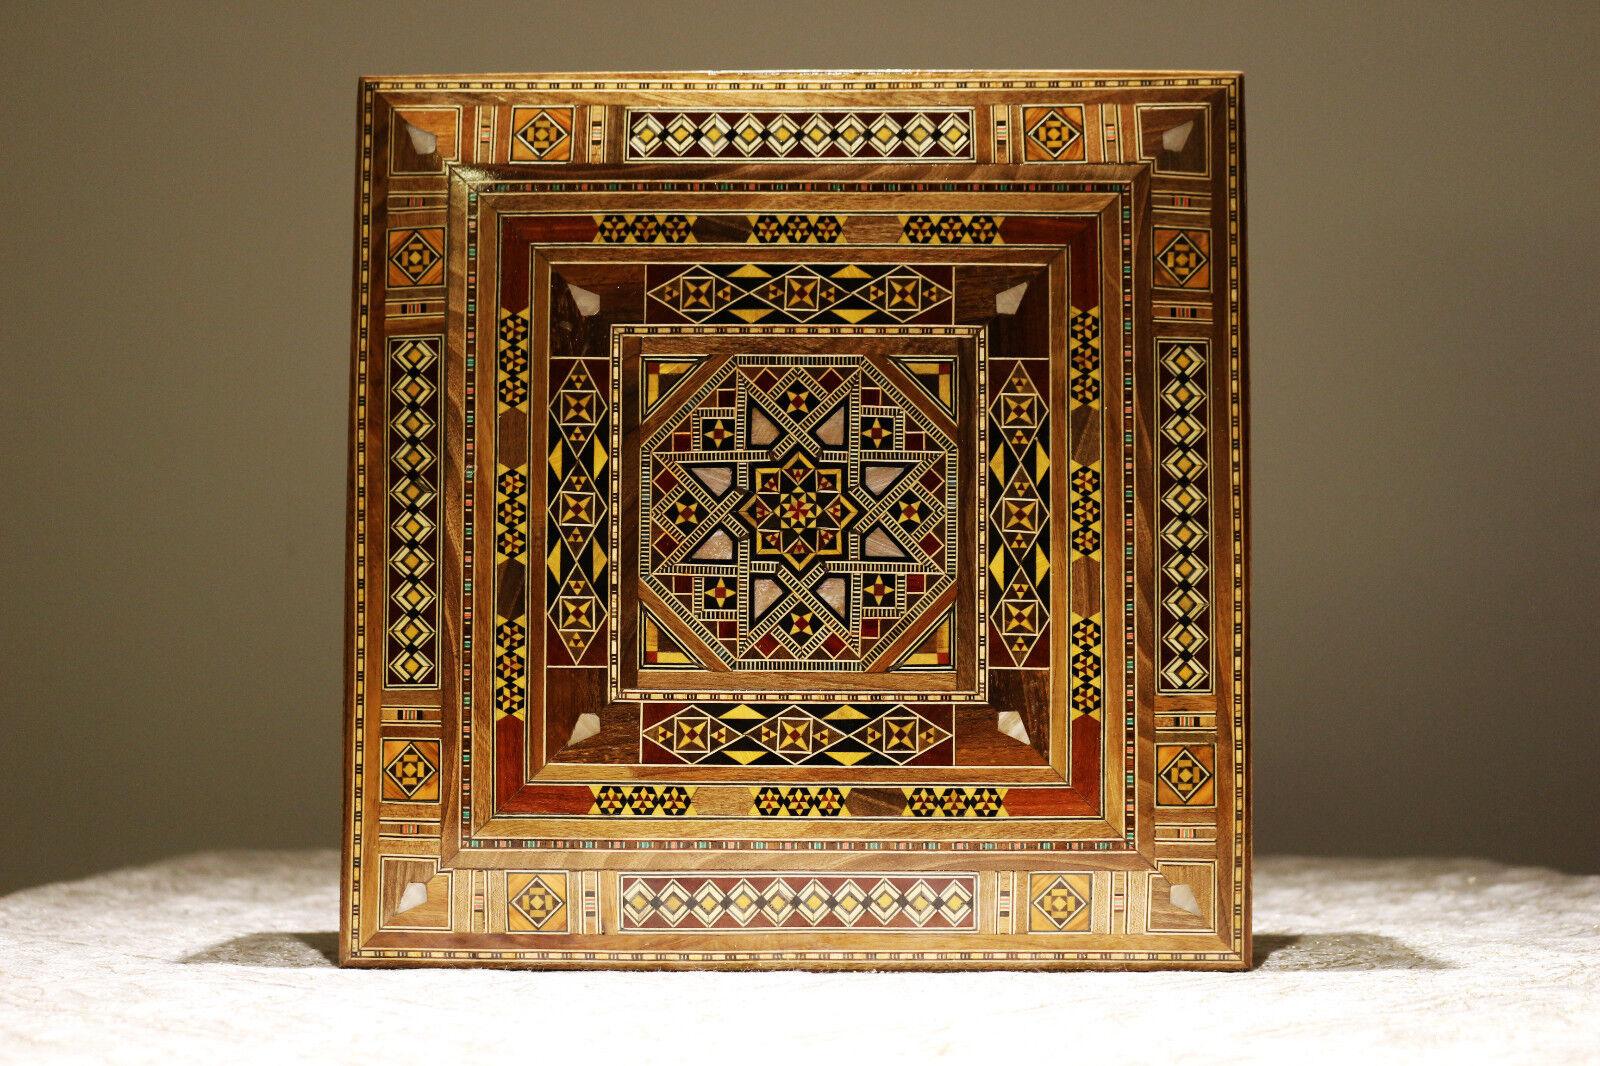 Holz Schmuckkasten (nicht enthalten) Unterteilung Unterteilung Unterteilung Box Kunsthandwerk  K 2-2-49 ca33df